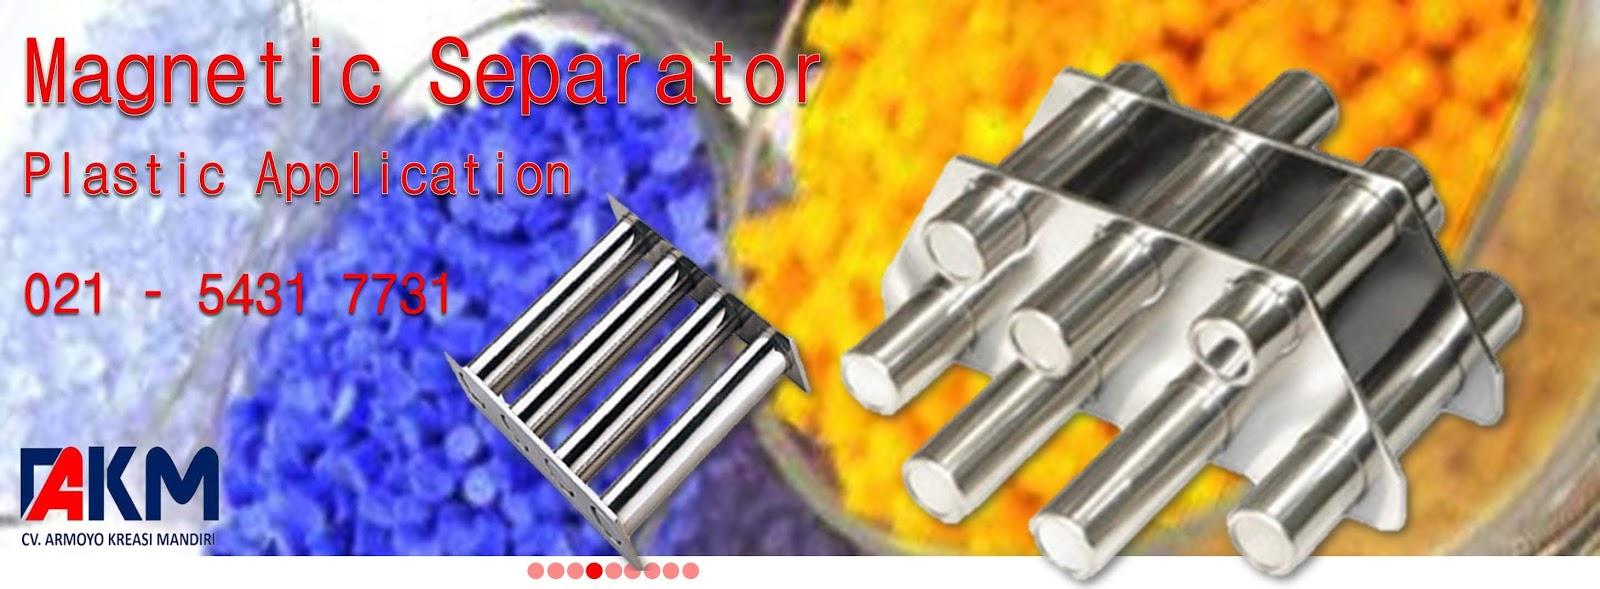 Magnetic Separator untuk Plastic